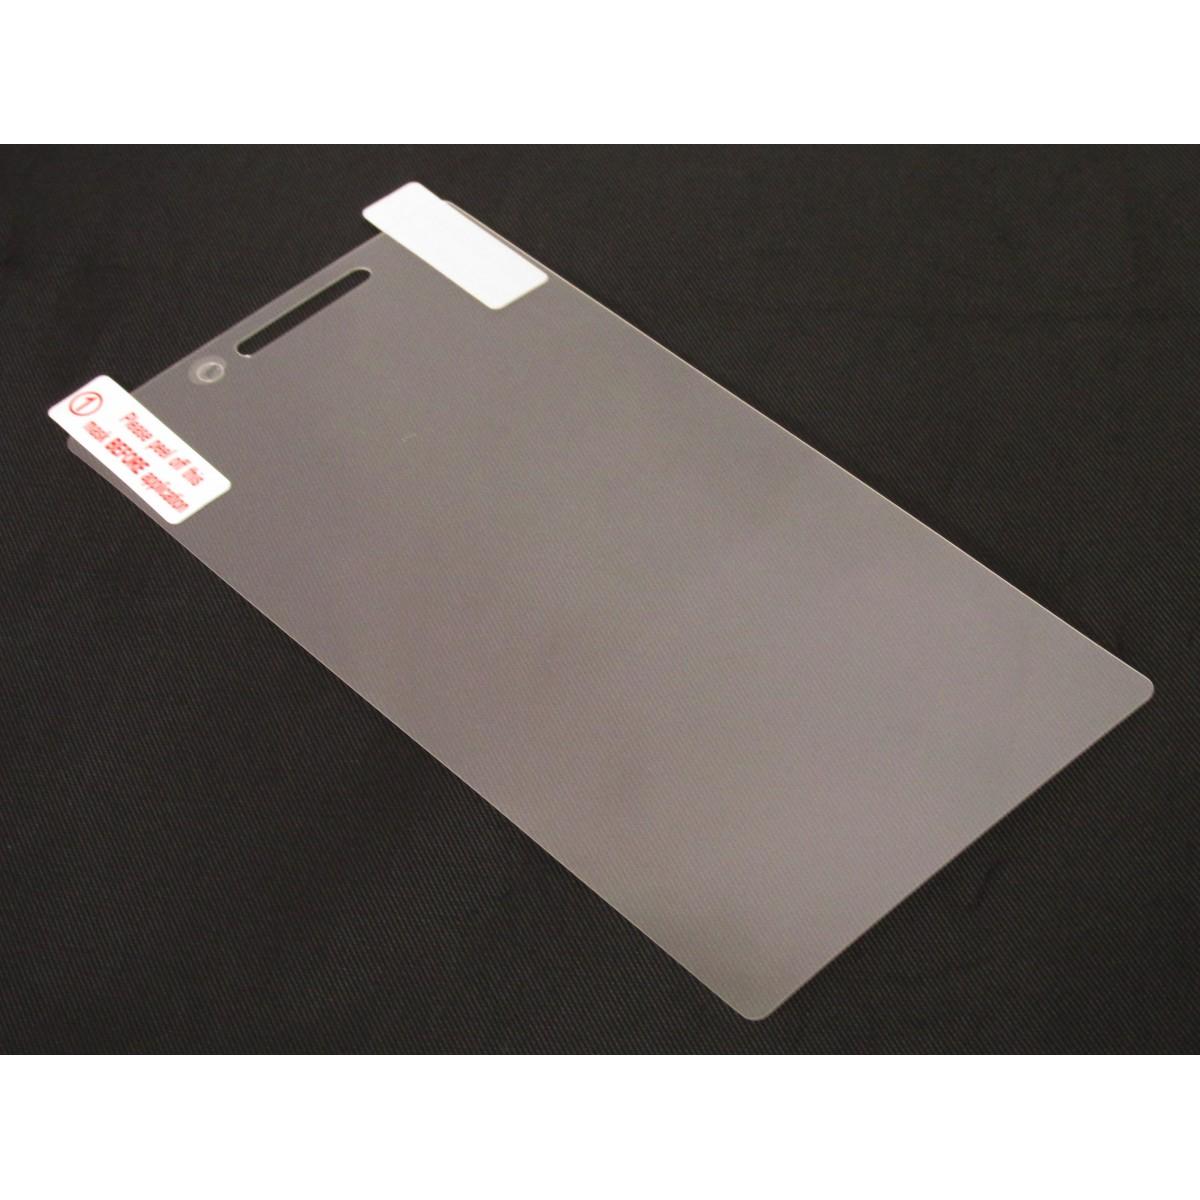 Pelicula Protetora para Sony Xperia M2 D2303 D2305 D2306 Transparente